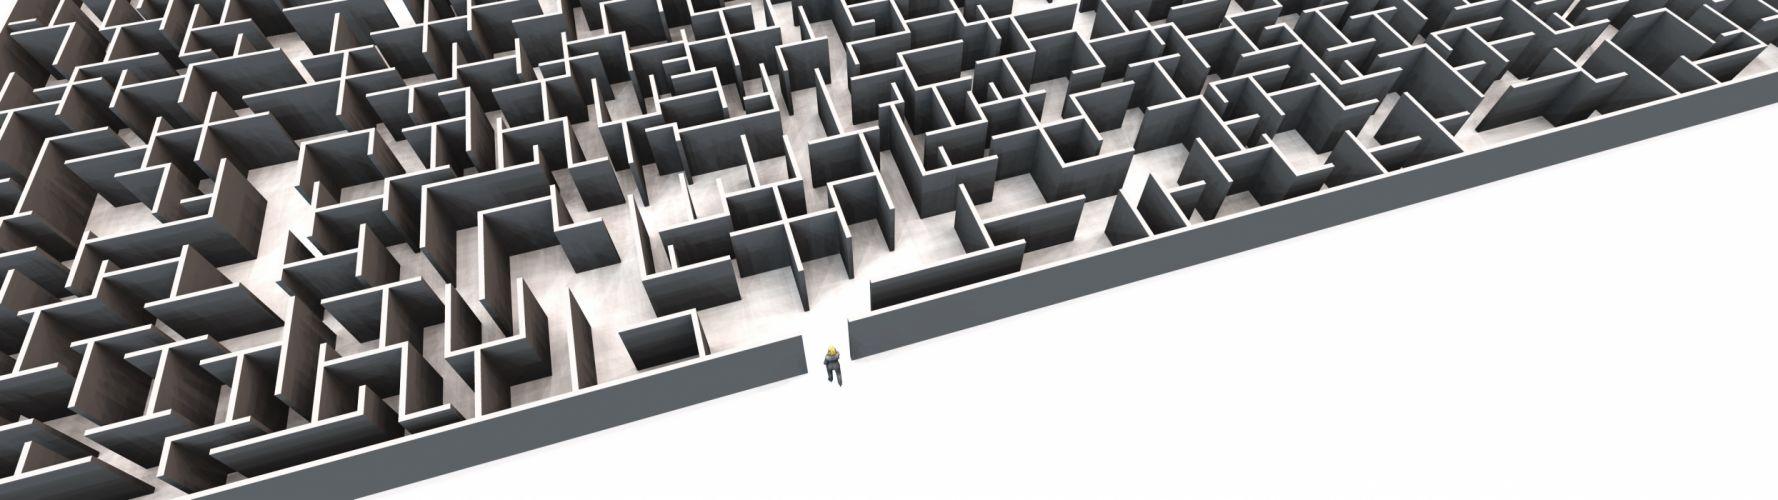 Labyrint (3840x1080) wallpaper